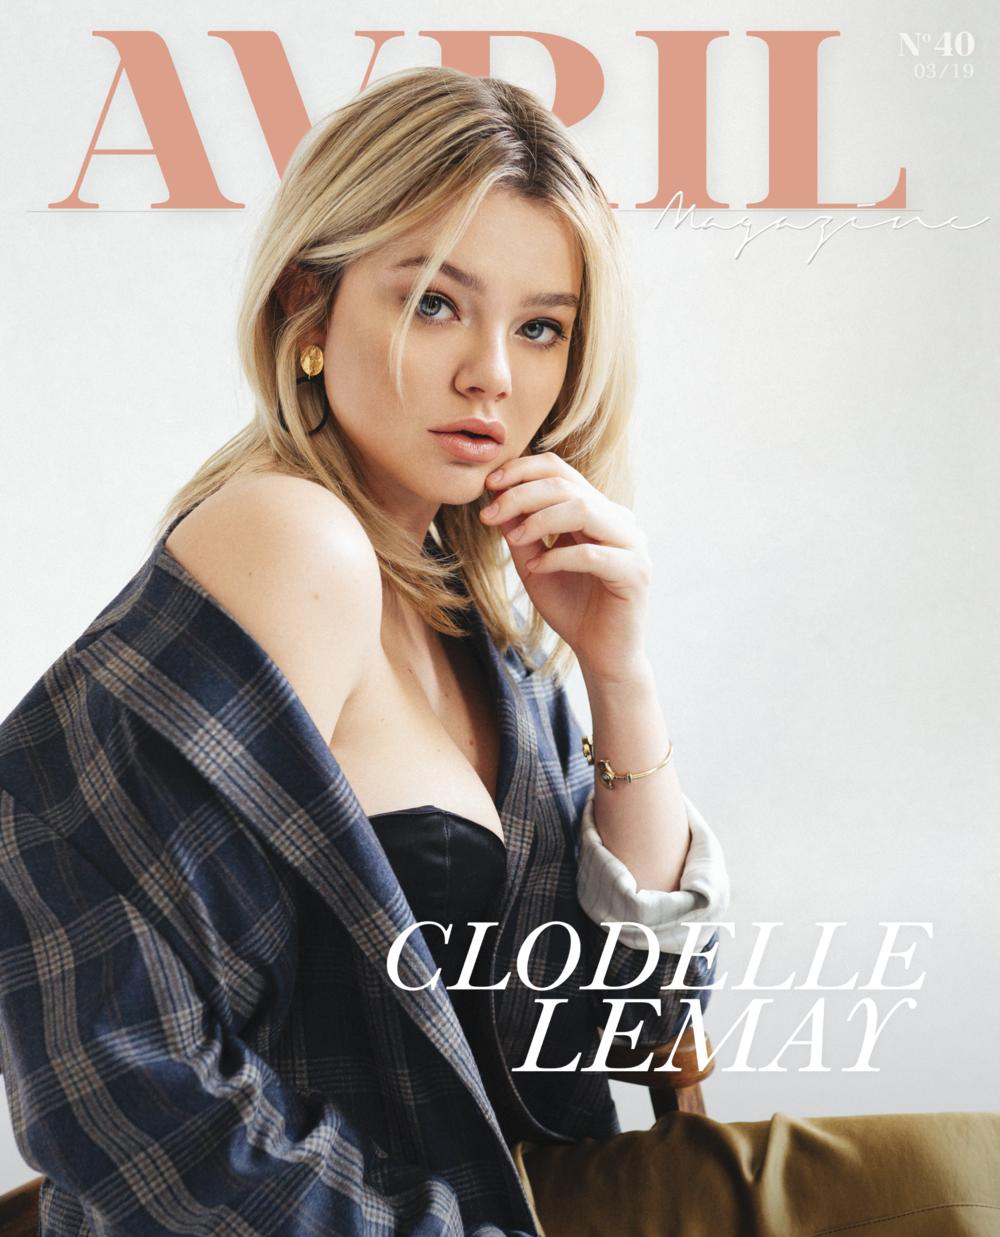 Cover-Clodelle-mars2019-X-AvrilMagazine.jpg